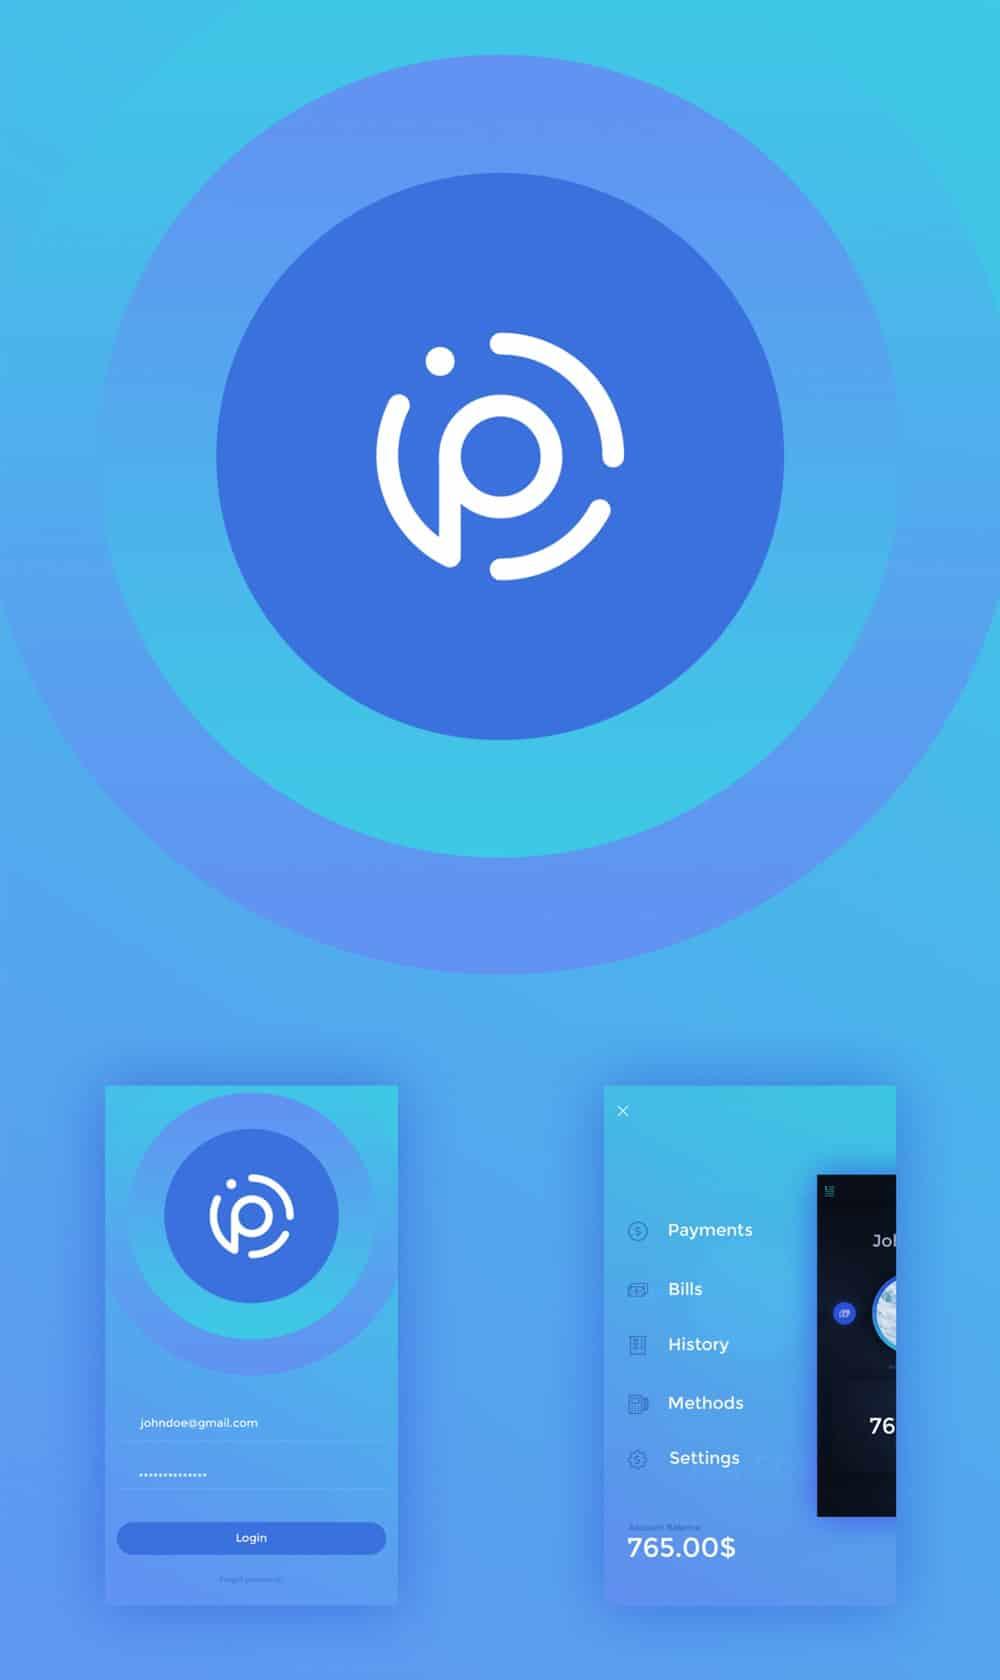 app ui designs